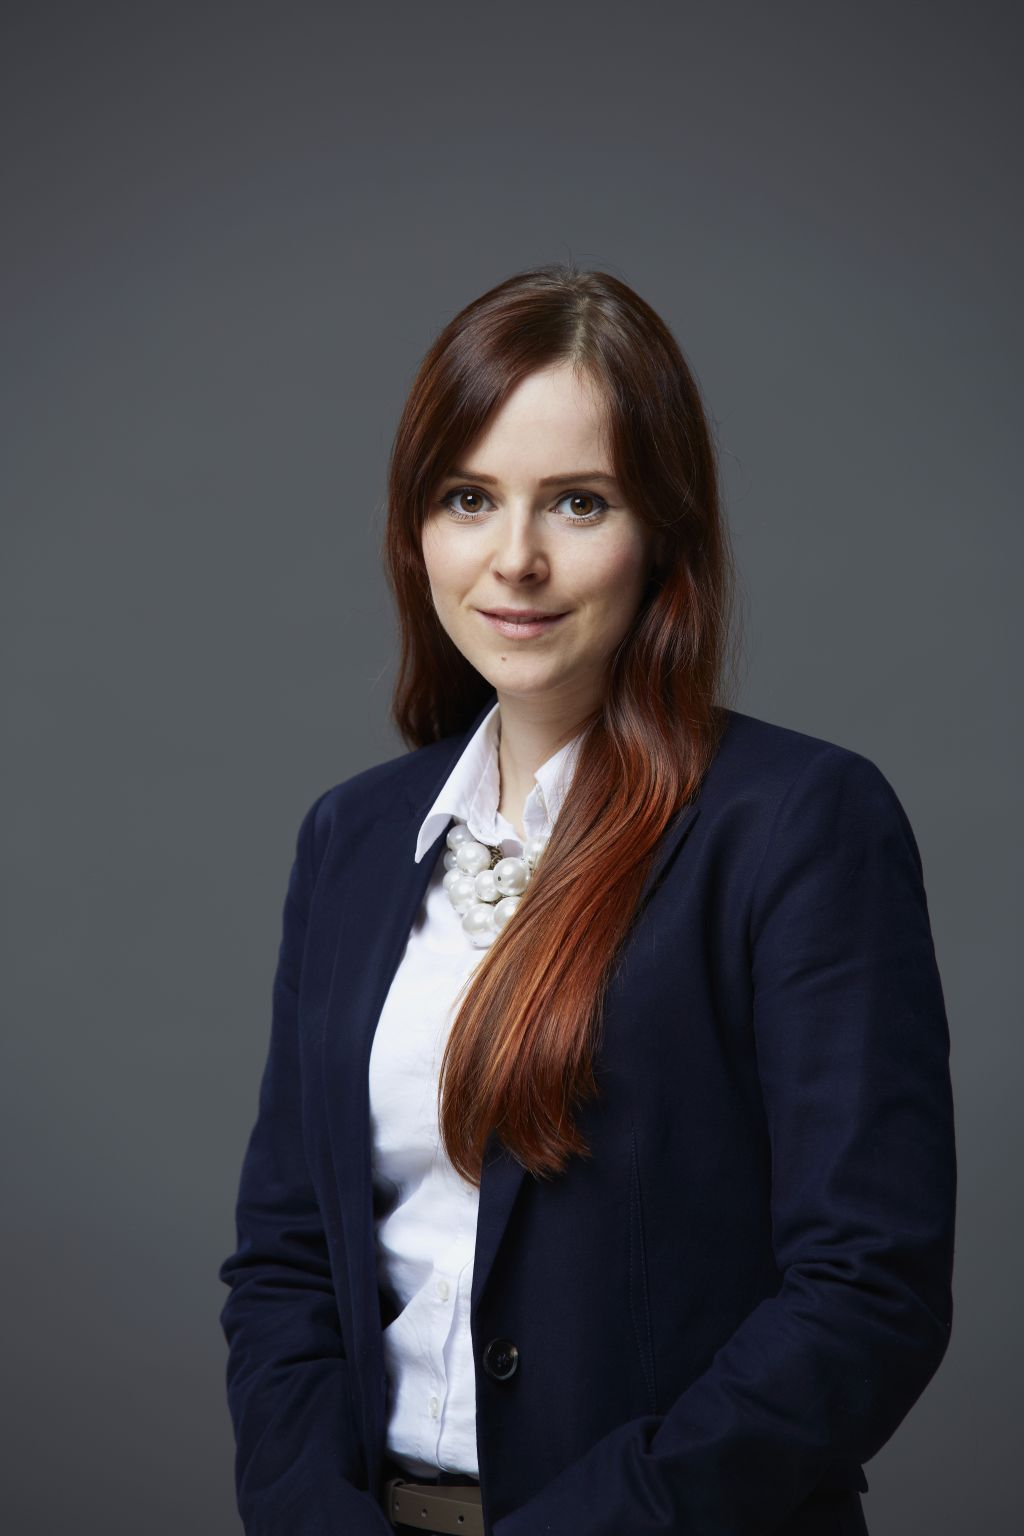 Julia Handt Stv. Kaufmännische Leiterin der MEDIAN Klinik Schlangenbad